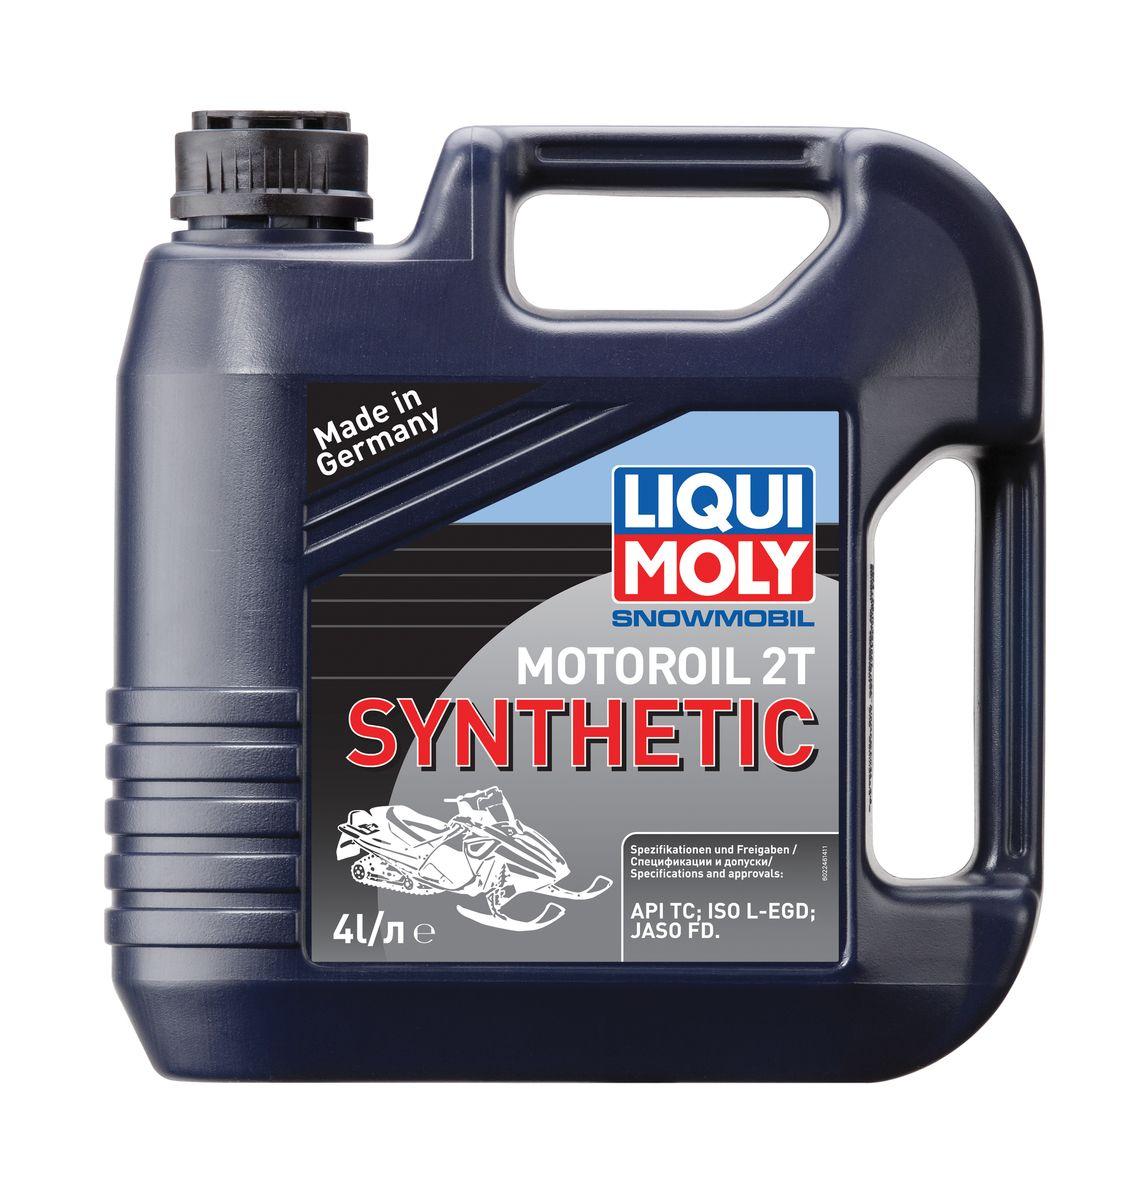 Масло моторное Liqui Moly Snowmobil Motoroil 2T Synthetic, синтетическое, 4 л2246Масло моторное Liqui Moly Snowmobil Motoroil 2T Synthetic предназначено для эксплуатации высокофорсированных двухтактных снегоходов в условиях экстремальных нагрузок и крайне низких температур. Комбинация полностью синтетической базы и современных присадок гарантирует максимальную защиту двигателя на любых оборотах и нагрузках. Бездымно сгорает, не дает нагаров в двигателе и глушителе. Отлично прокачивается масляным насосом при крайне низких температурах. Повышает мощность двигателя. Поддерживает чистоту свечей. Самосмешиваемо с топливом, используется для раздельной и смешанной систем подачи топлива. Защищает от коррозии. Красного цвета. Полностью синтетическая базовая основа в сочетании с современными присадками обеспечивает: - легкий запуск в мороз, - безупречную чистоту двигателя, свечей зажигания, мощностного клапана и глушителя, - отличную защиту от износа, задиров и прихватов, - бездымное сгорание, - низкую концентрацию масла в смеси с топливом, - максимальную защиту от коррозии, - стойкость к высоким оборотам и перегреву. Использование масла Snowmobil Motoroil 2T Synthetic обеспечивает отличную и долговременную работу стандартных и высокофорсированных 2Т двигателей снегоходов в любых режимах. Для двигателей с водяным и воздушным охлаждением. Концентрация в смеси с топливом до 1:100. Допуск: - API: TC- ISO: L-EGD- JASO: FC- Global: GD